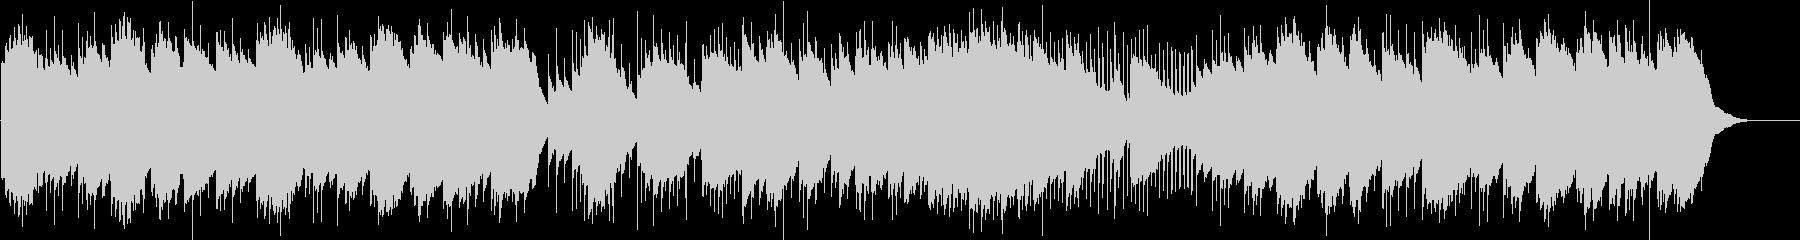 ホラー 短調のクラシック2(オルゴール)の未再生の波形